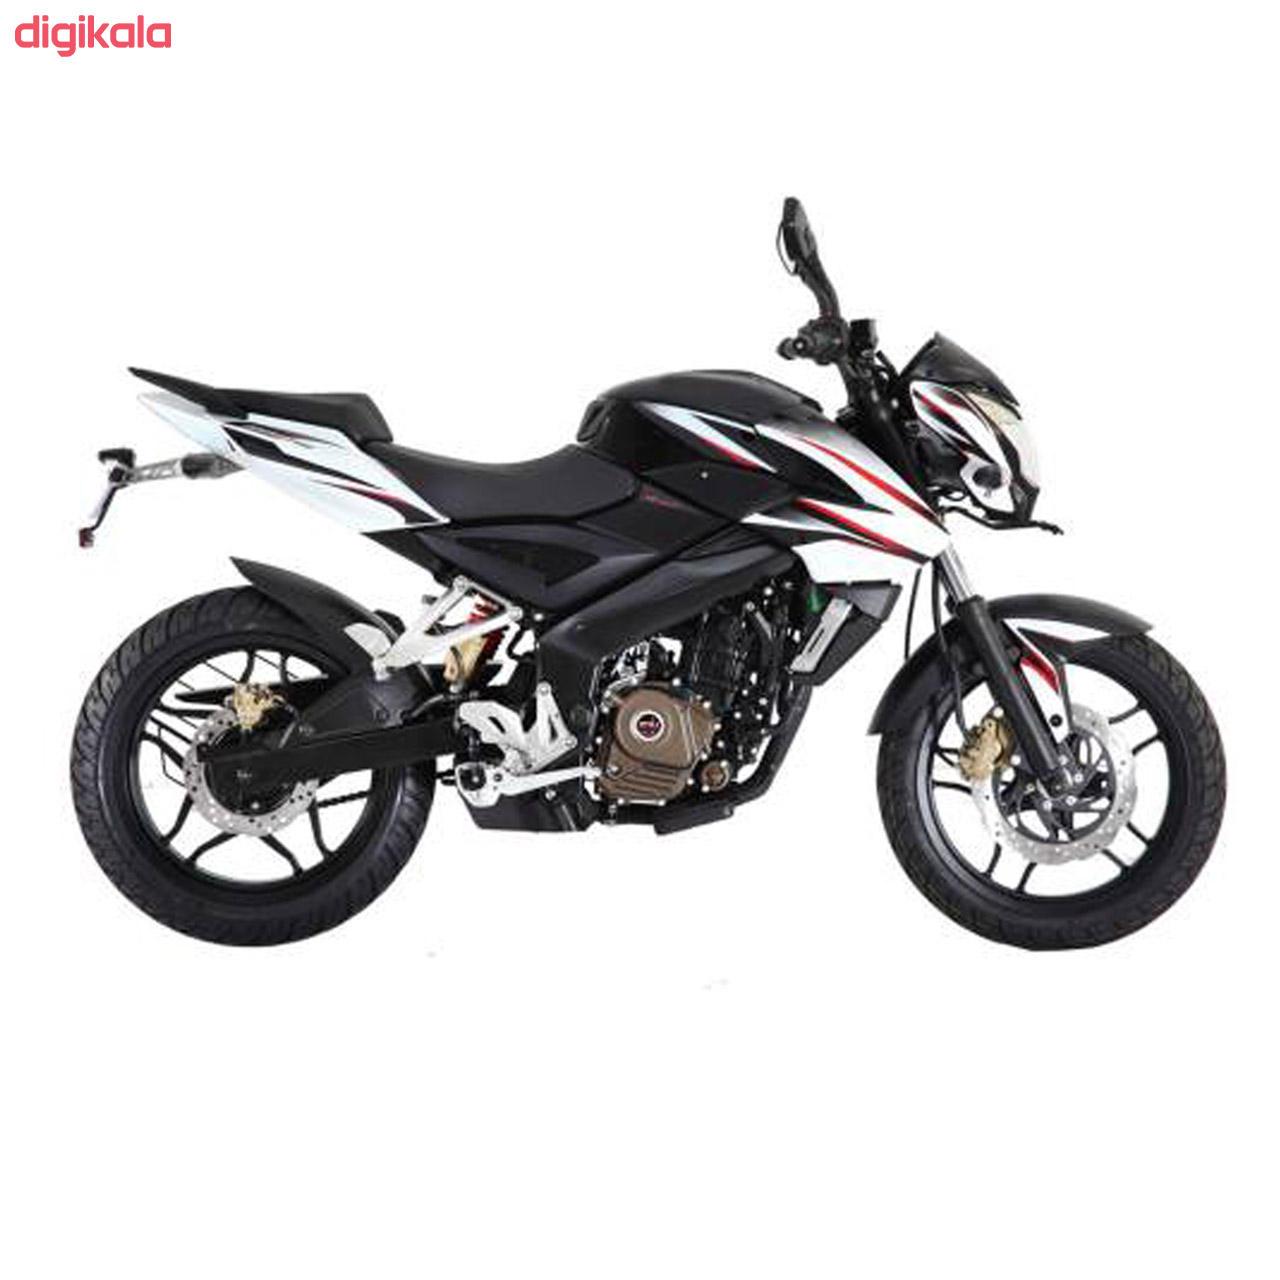 موتورسیکلت باجاج پالس مدل 200NS  سال 1398 main 1 1